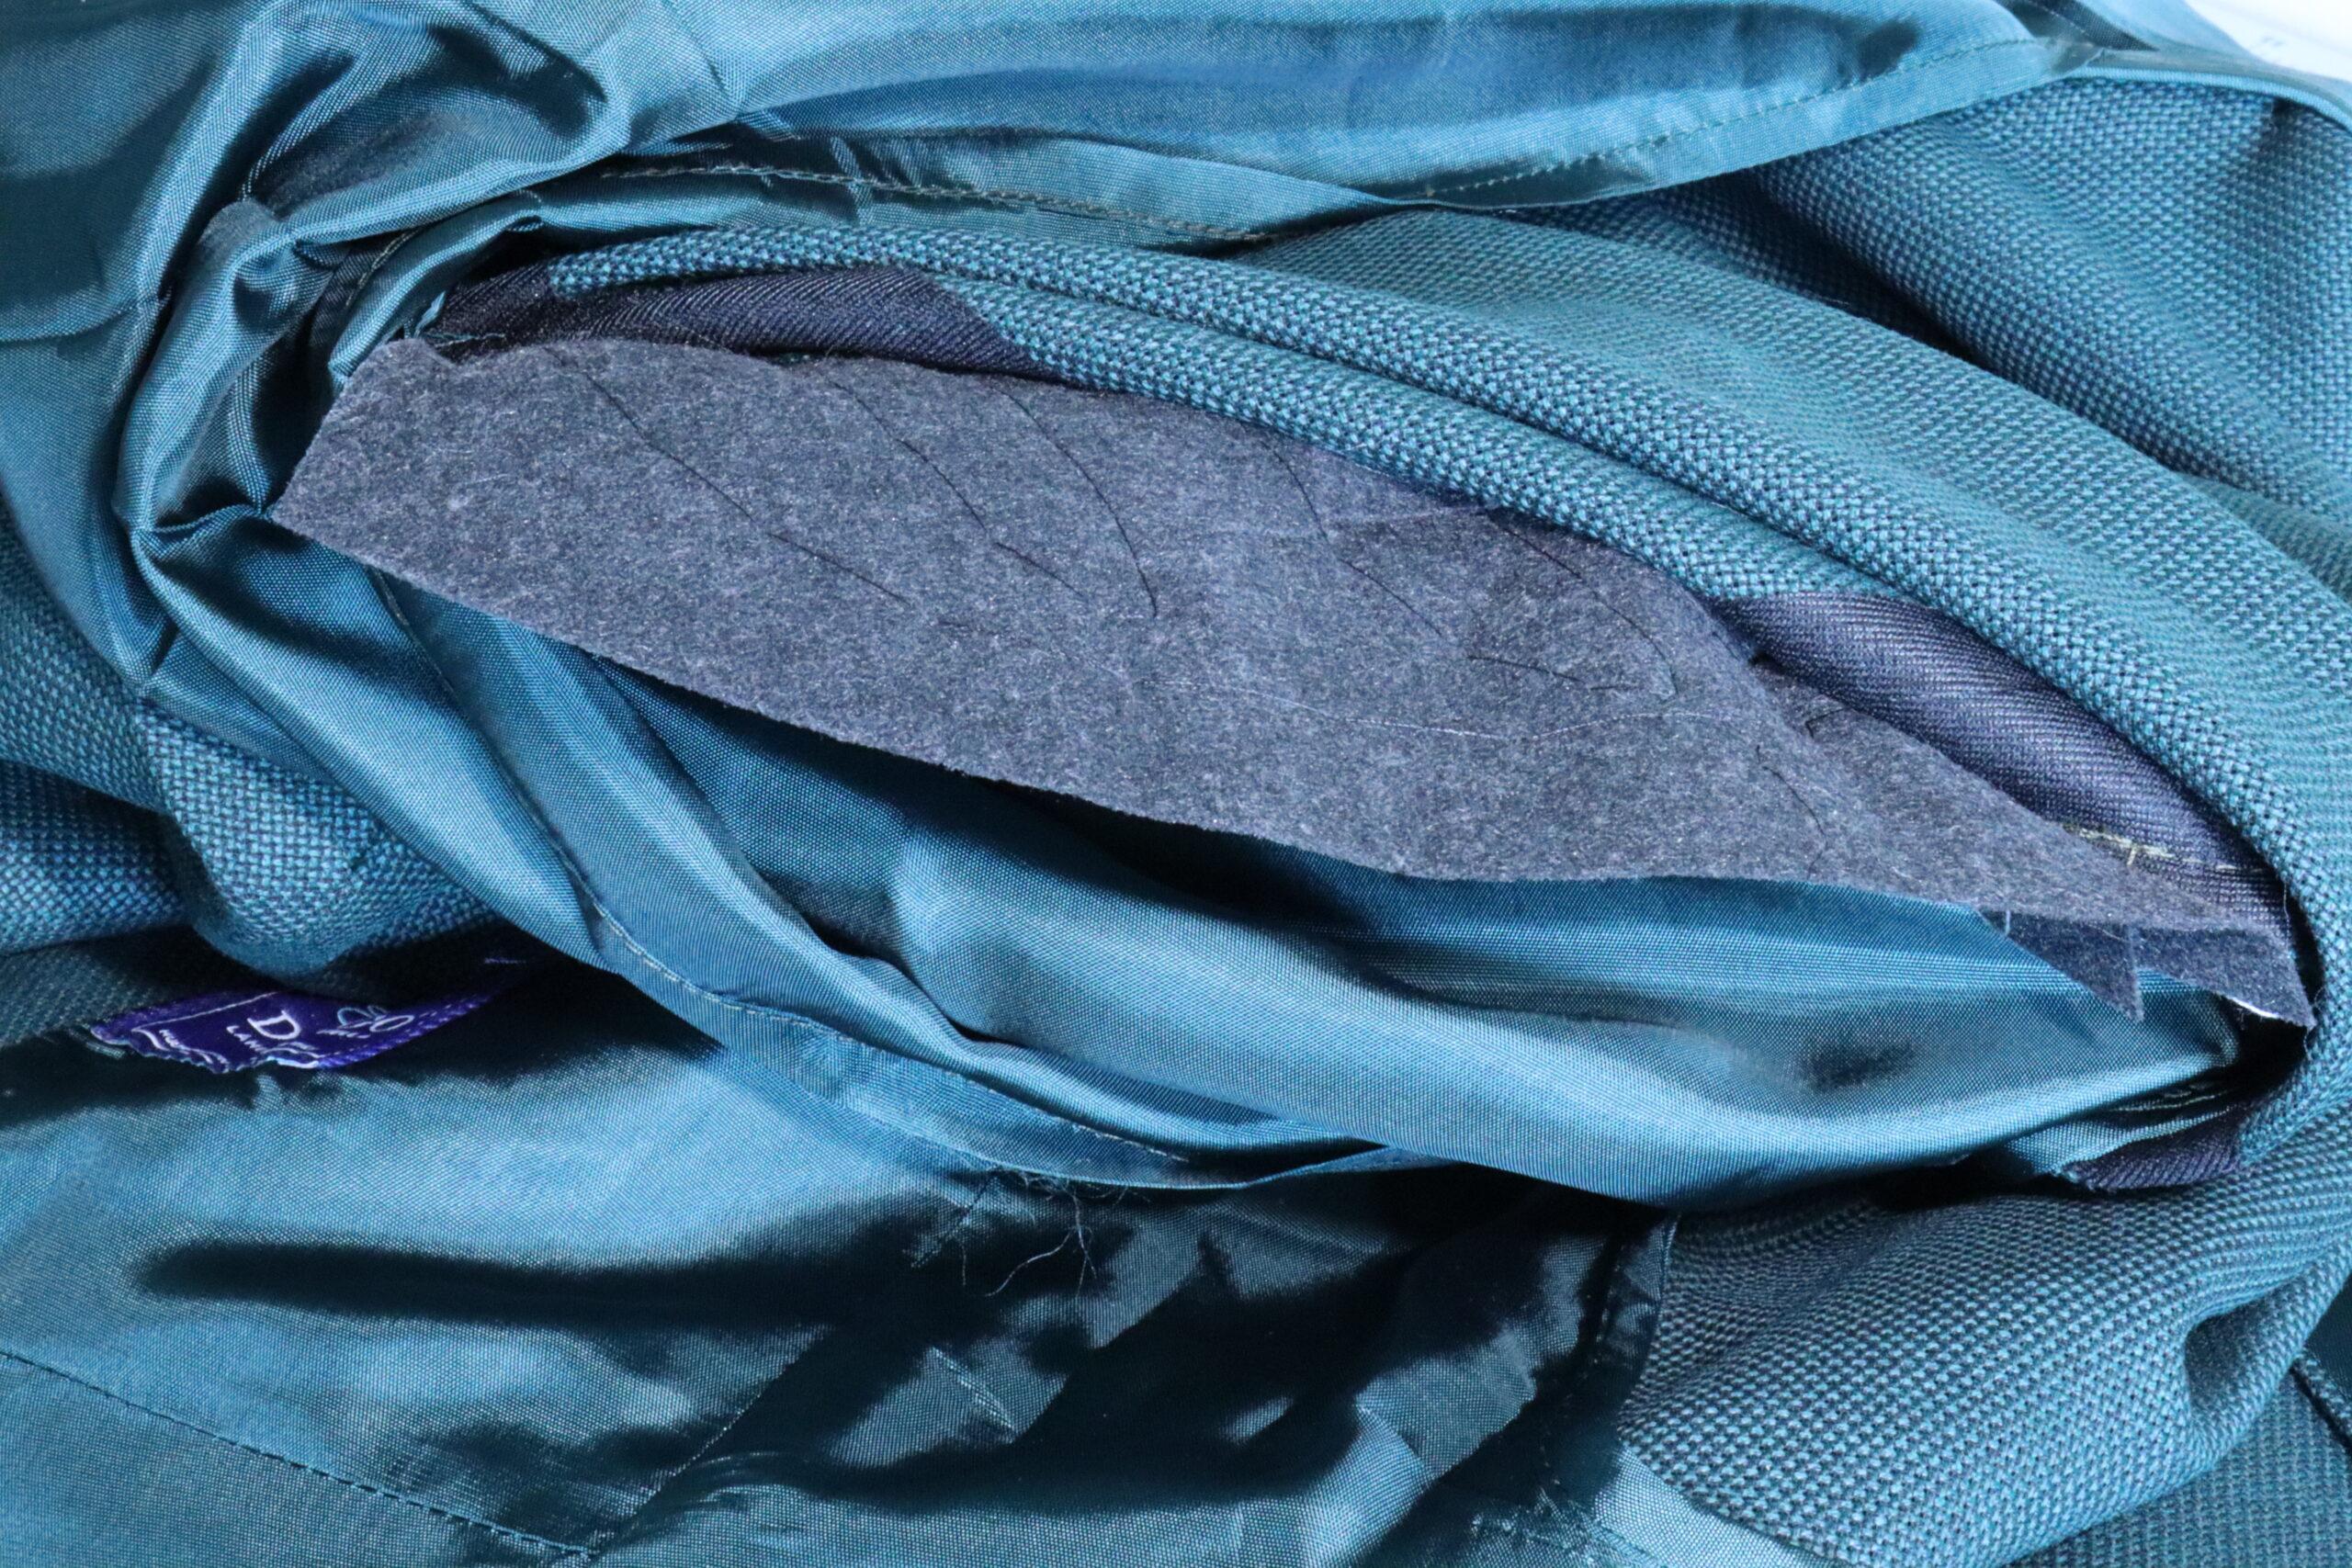 """Le genre d'entoilage industriel en matière synthétique que l'on peut voir chez énormément de """"tailleurs"""" Formens et autres marques de MTO/MTM qui existent de nos jours. Comme le montage Goodyear, l'entoilage n'est rien d'autre qu'une technique dont la qualité varie énormément selon les fabricants/tailleurs. (source: sartorialisme)"""